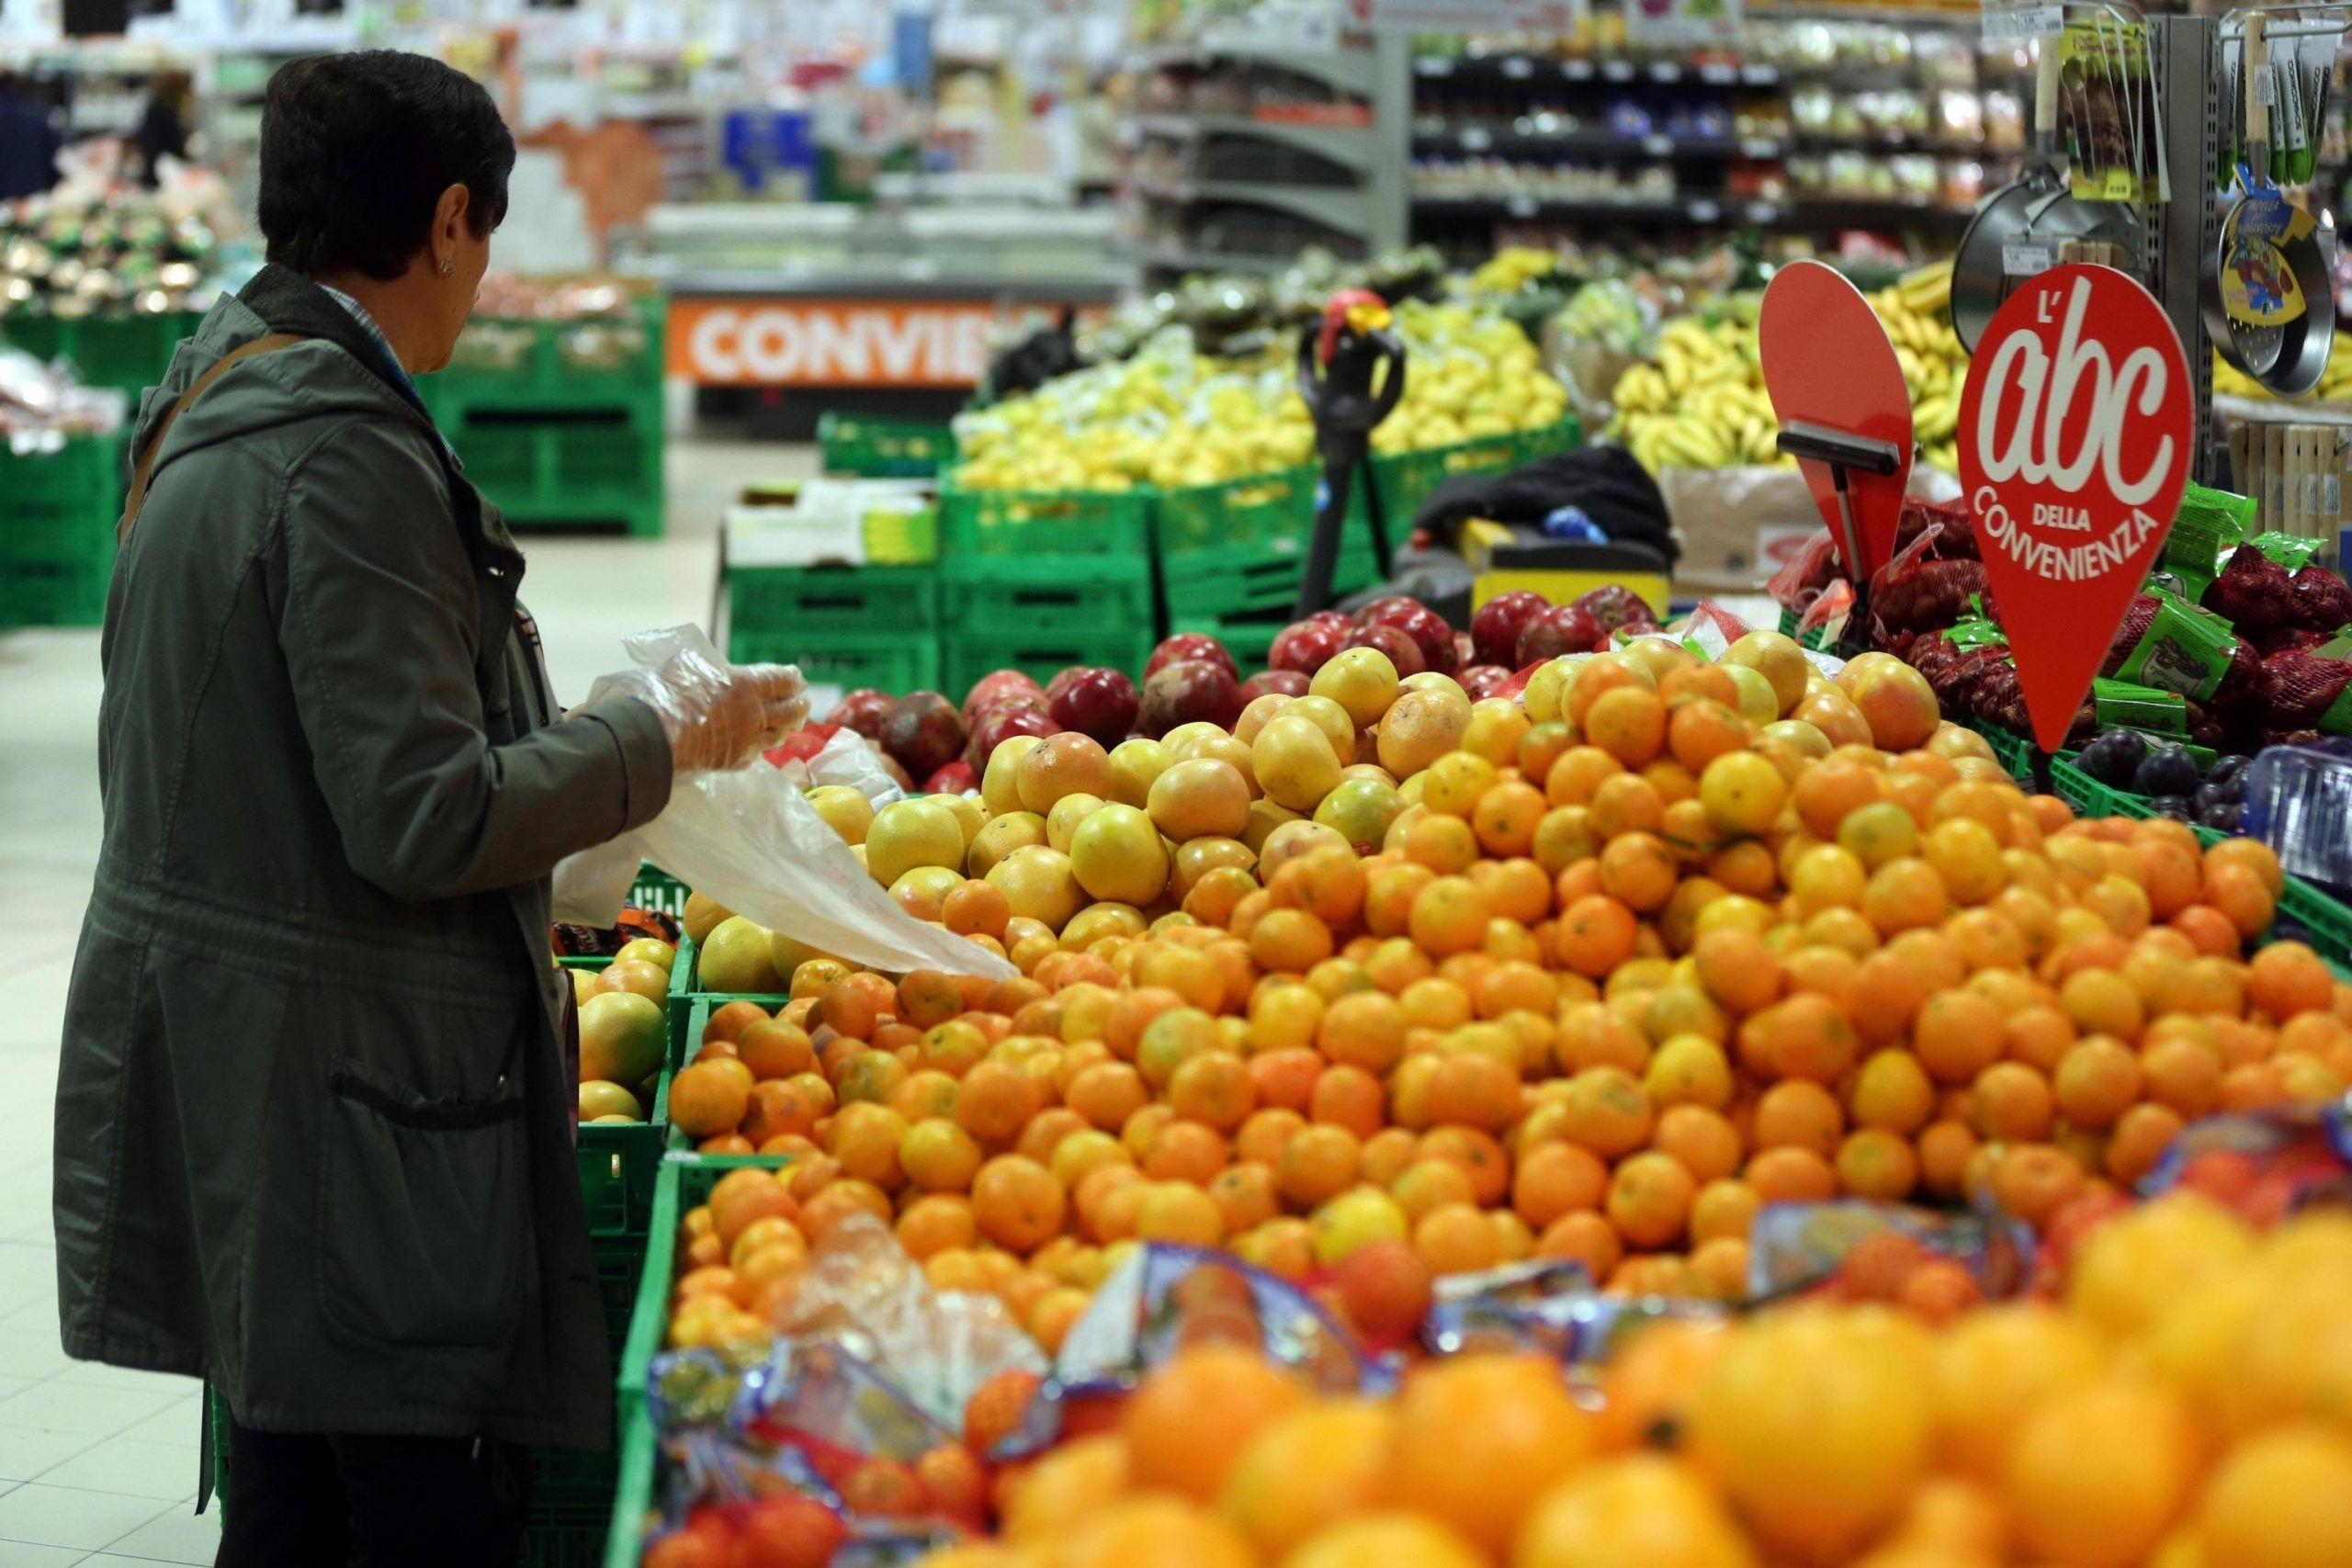 Sacchetto frutta e verdura a pagamento